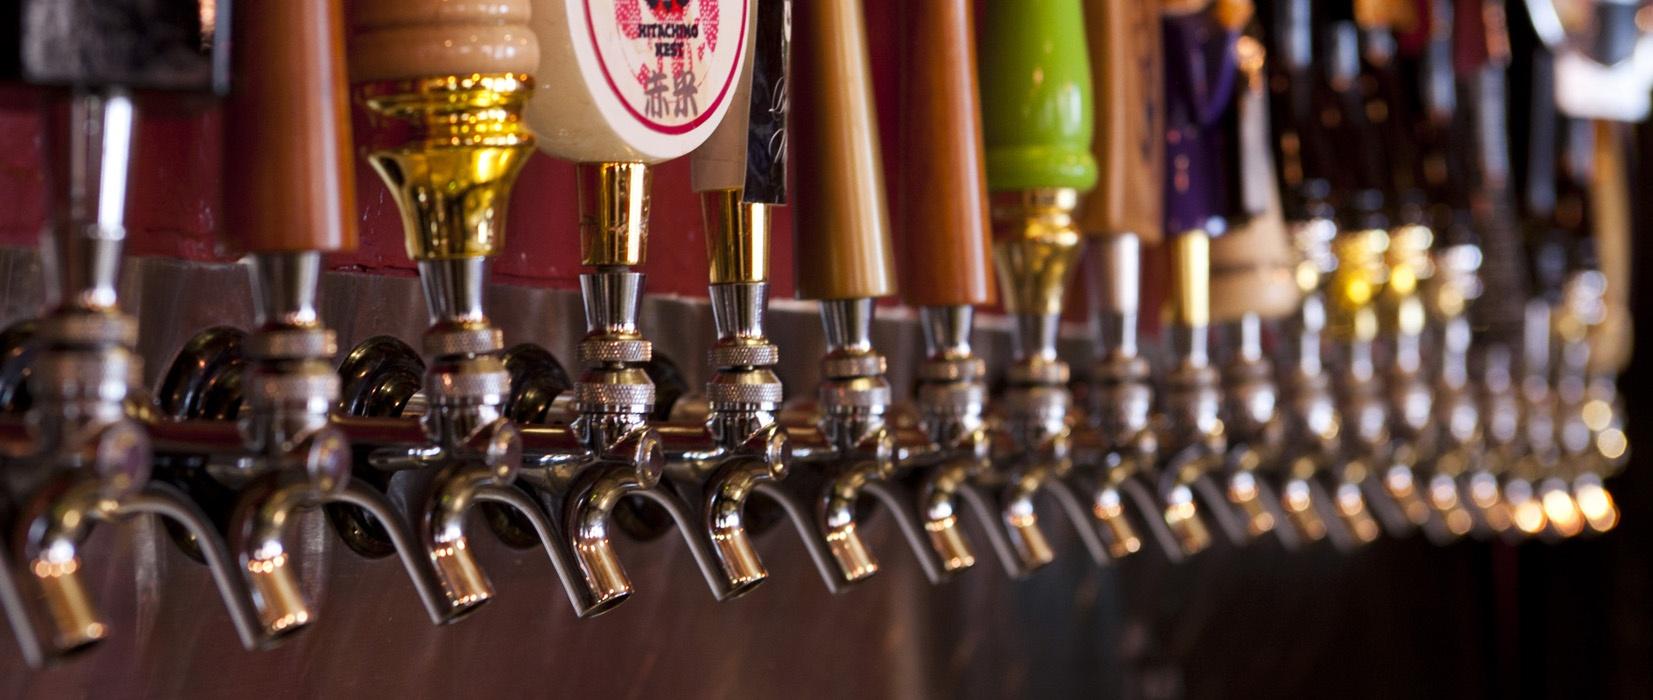 millennial golfers love craft beer